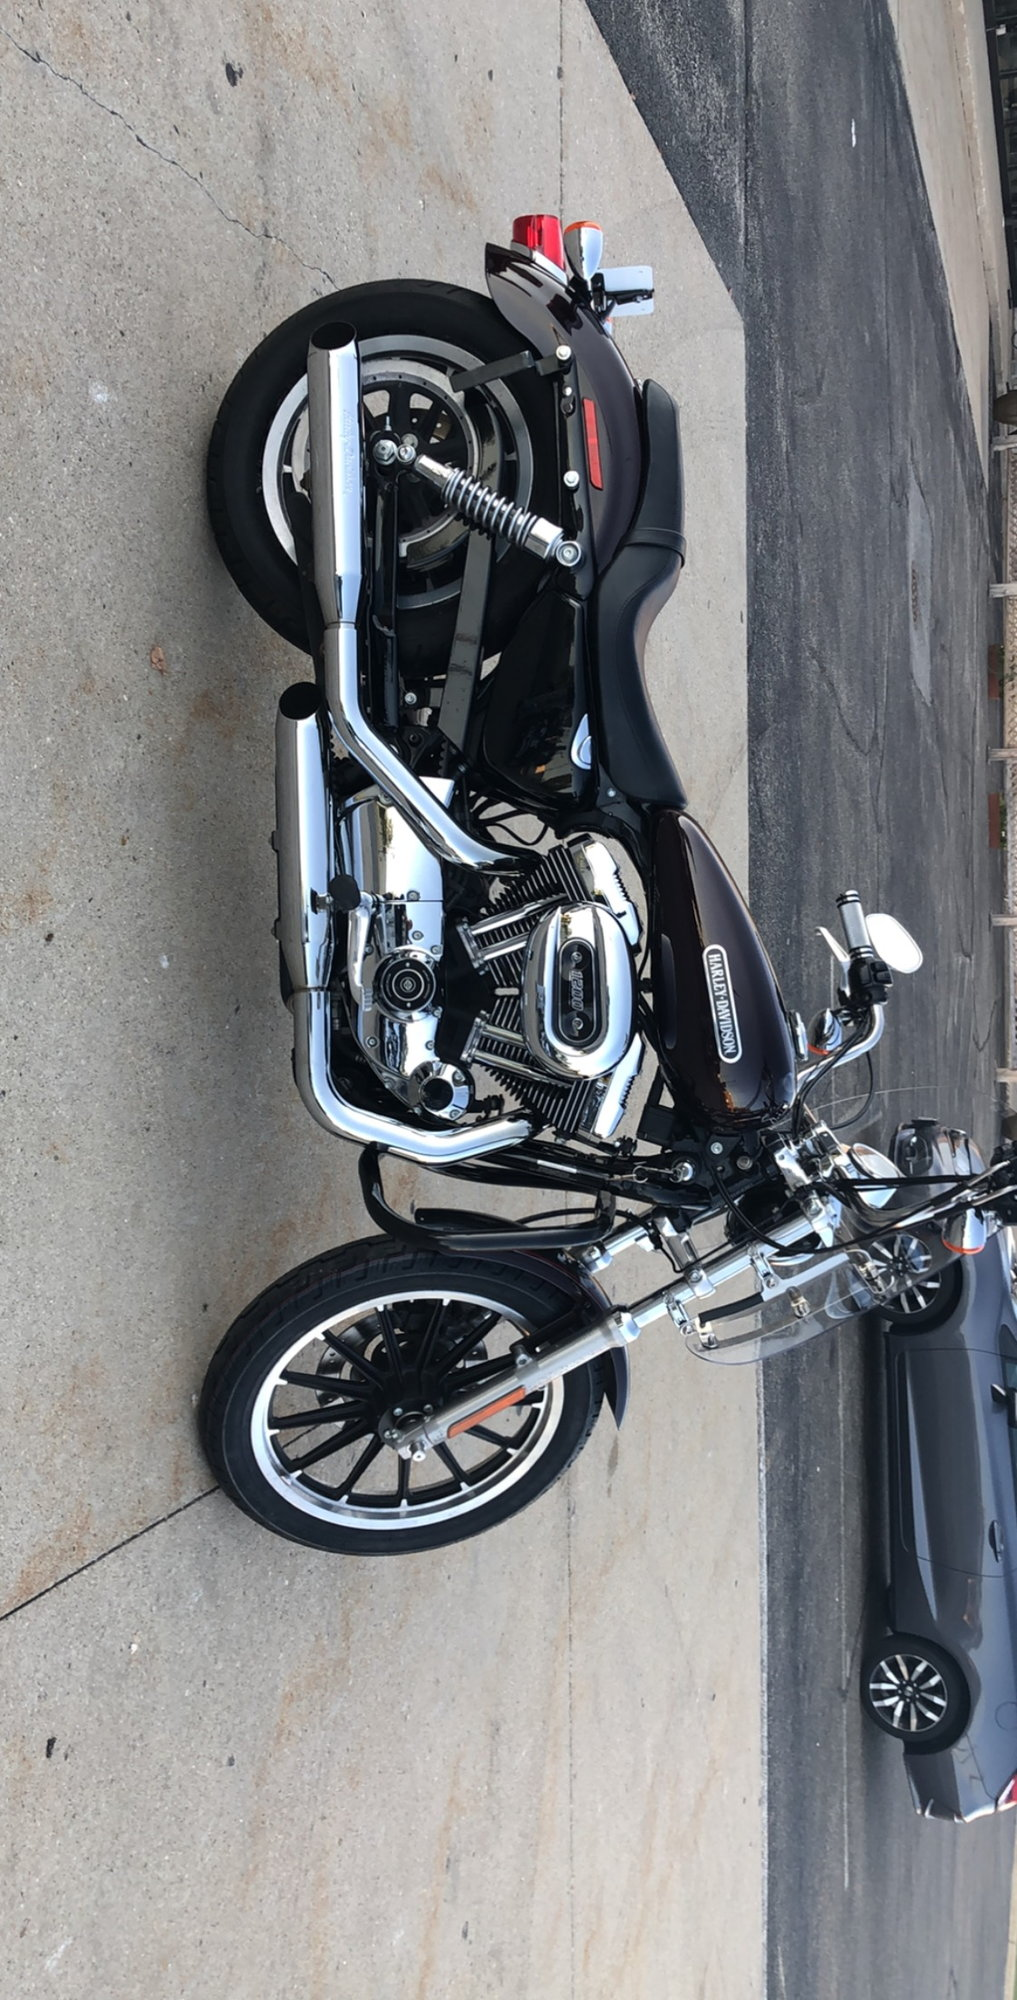 2006 Sportster - Harley Davidson Forums